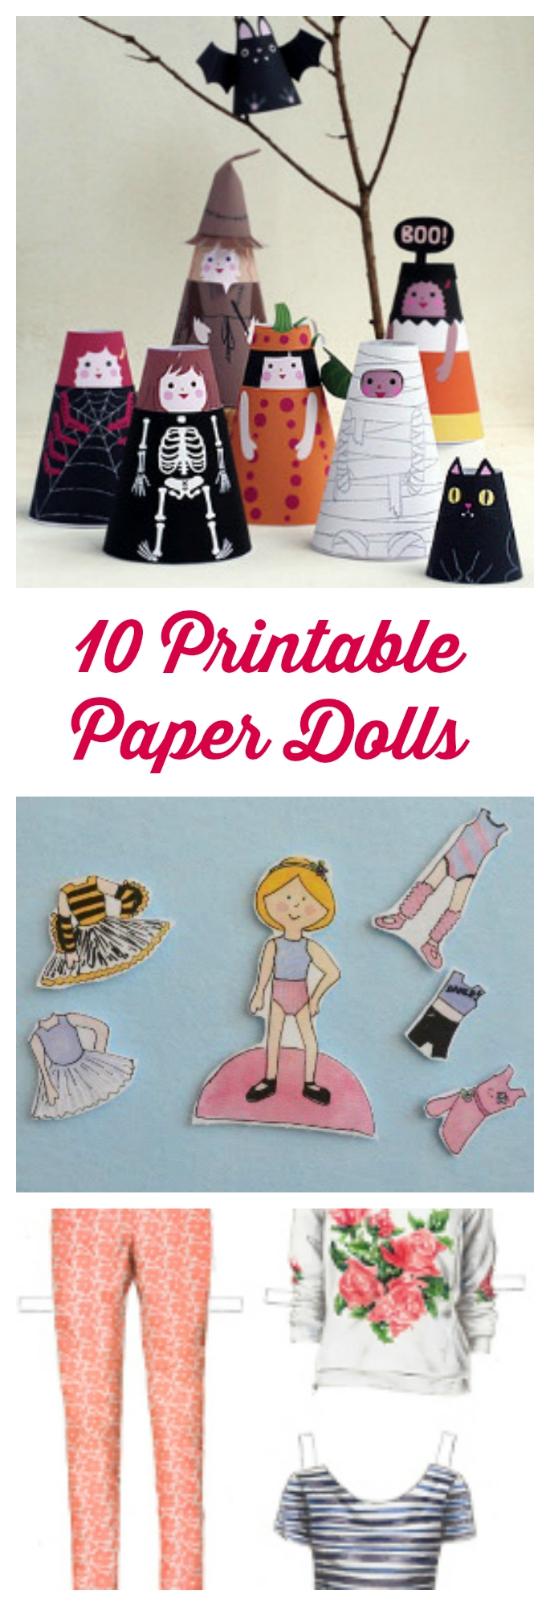 PrintablePaperDolls